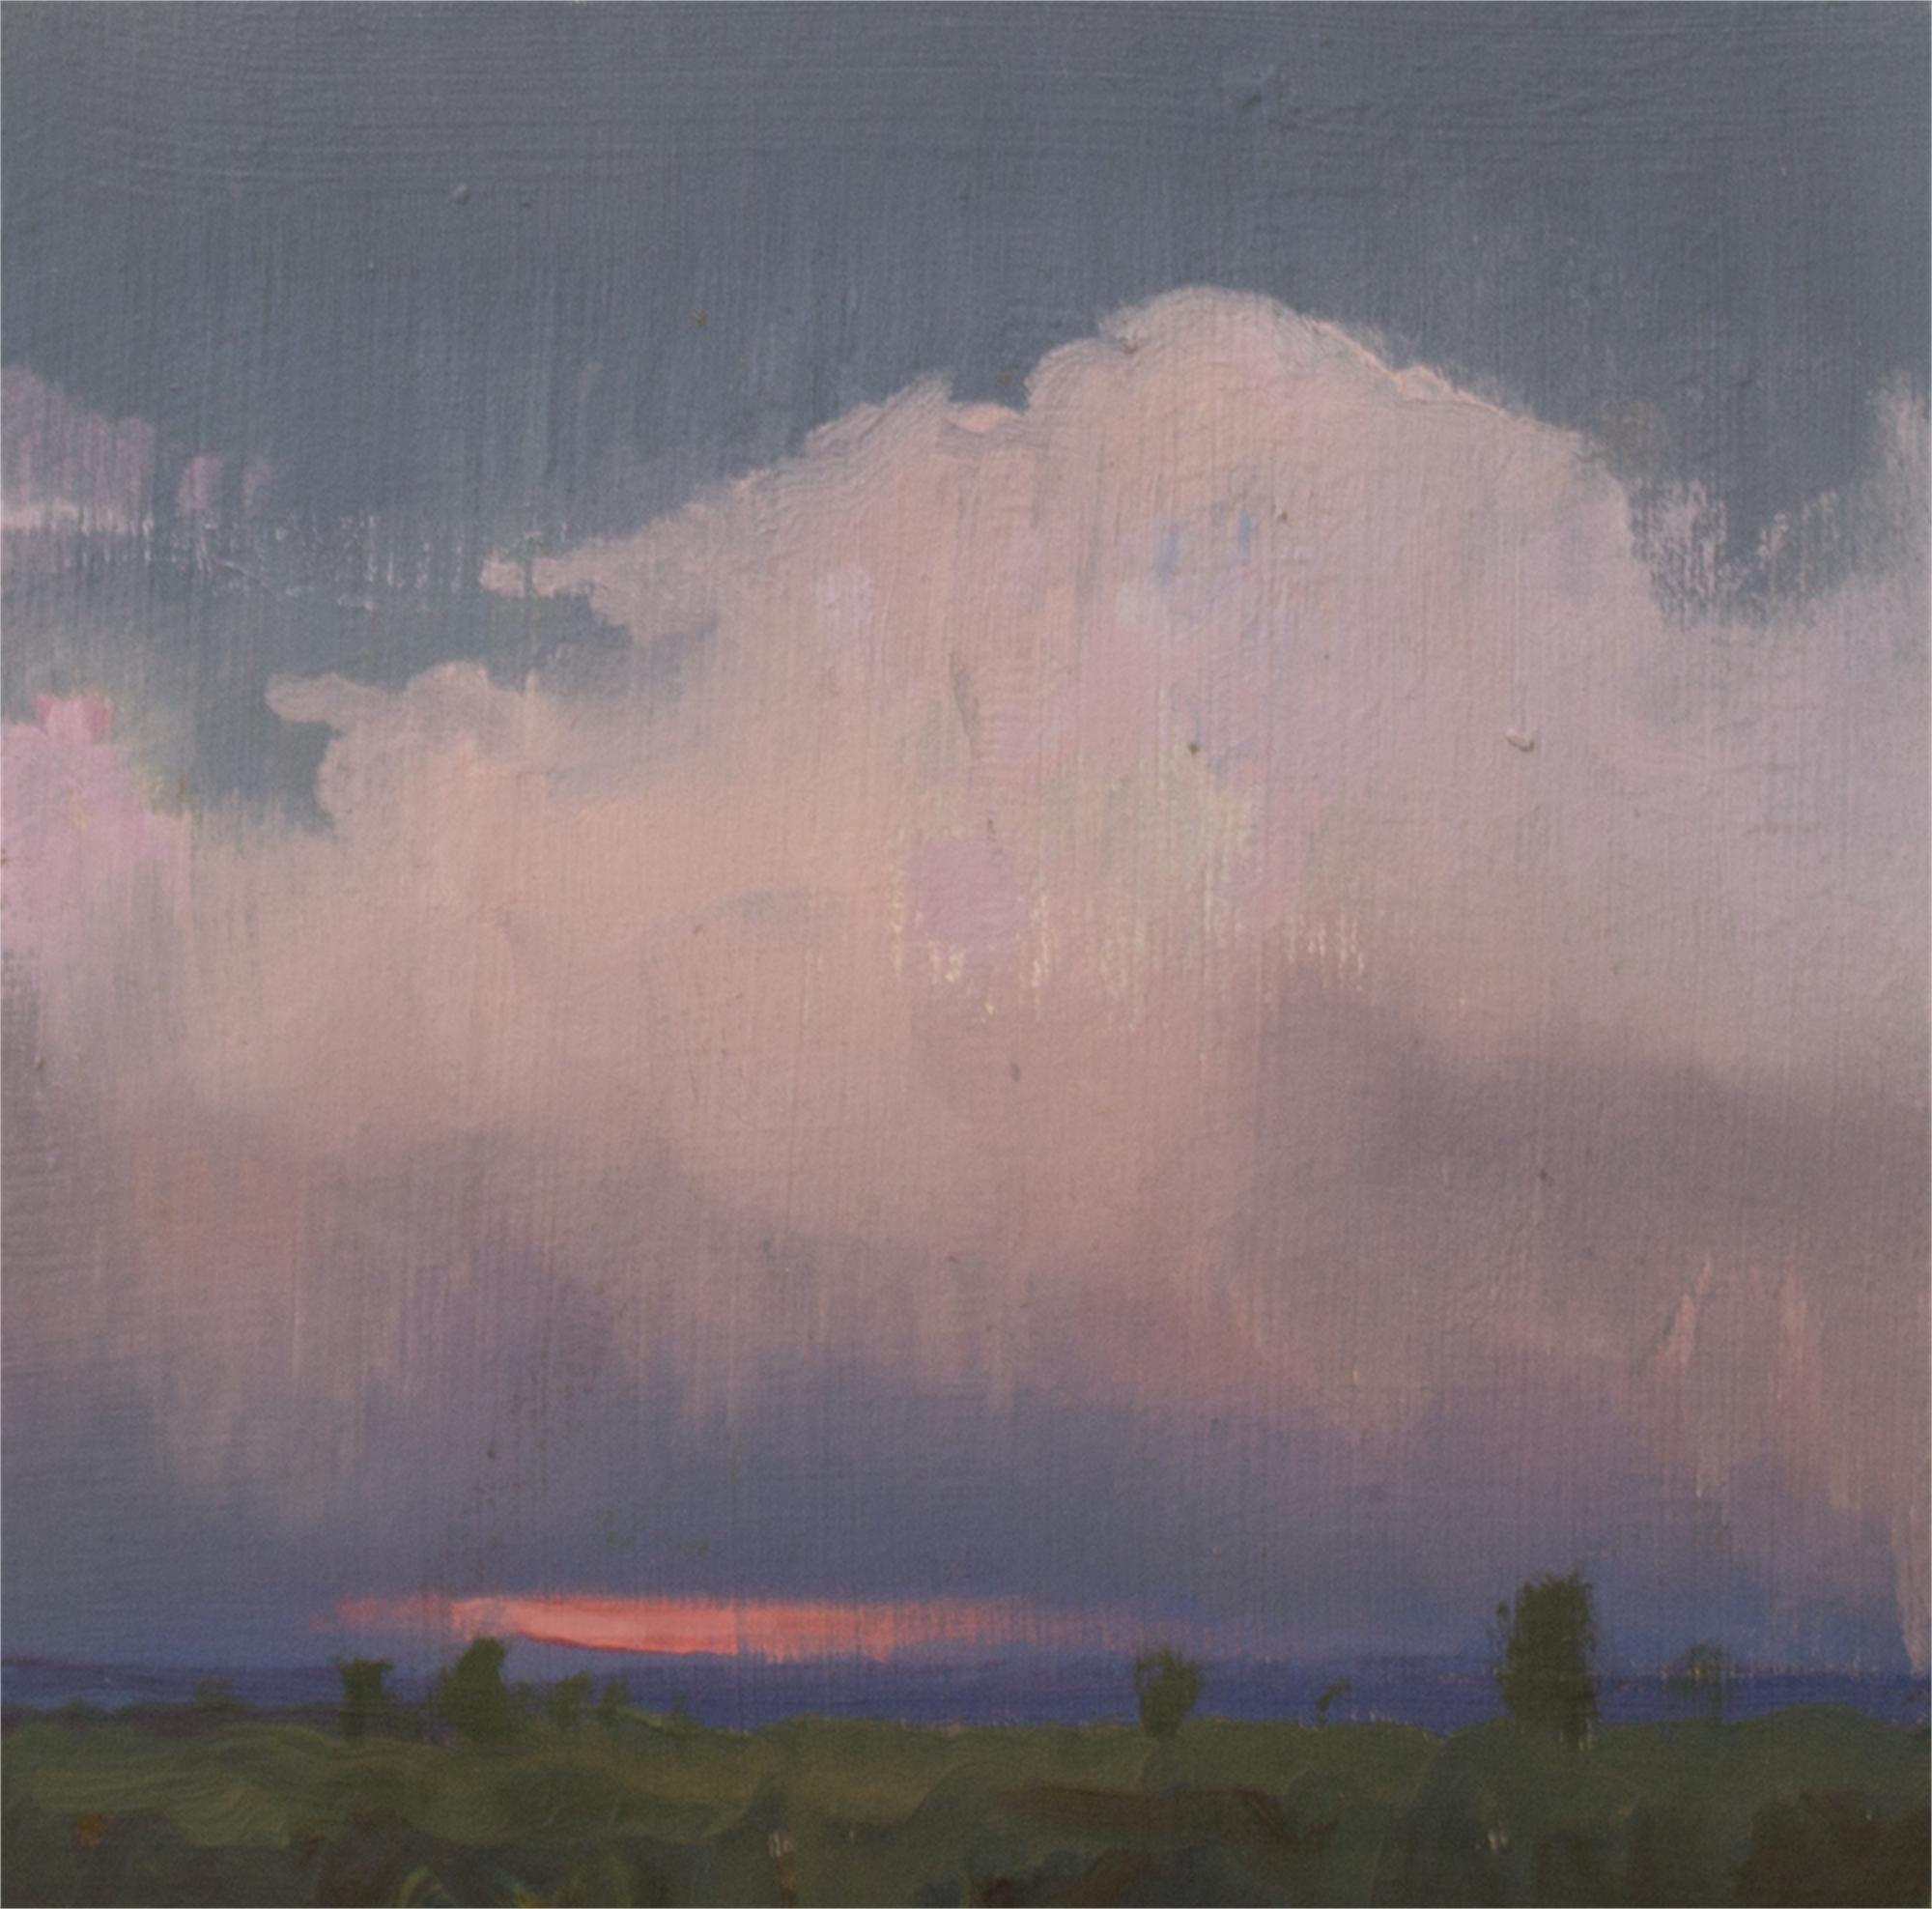 Crescendo by Devin Michael Roberts